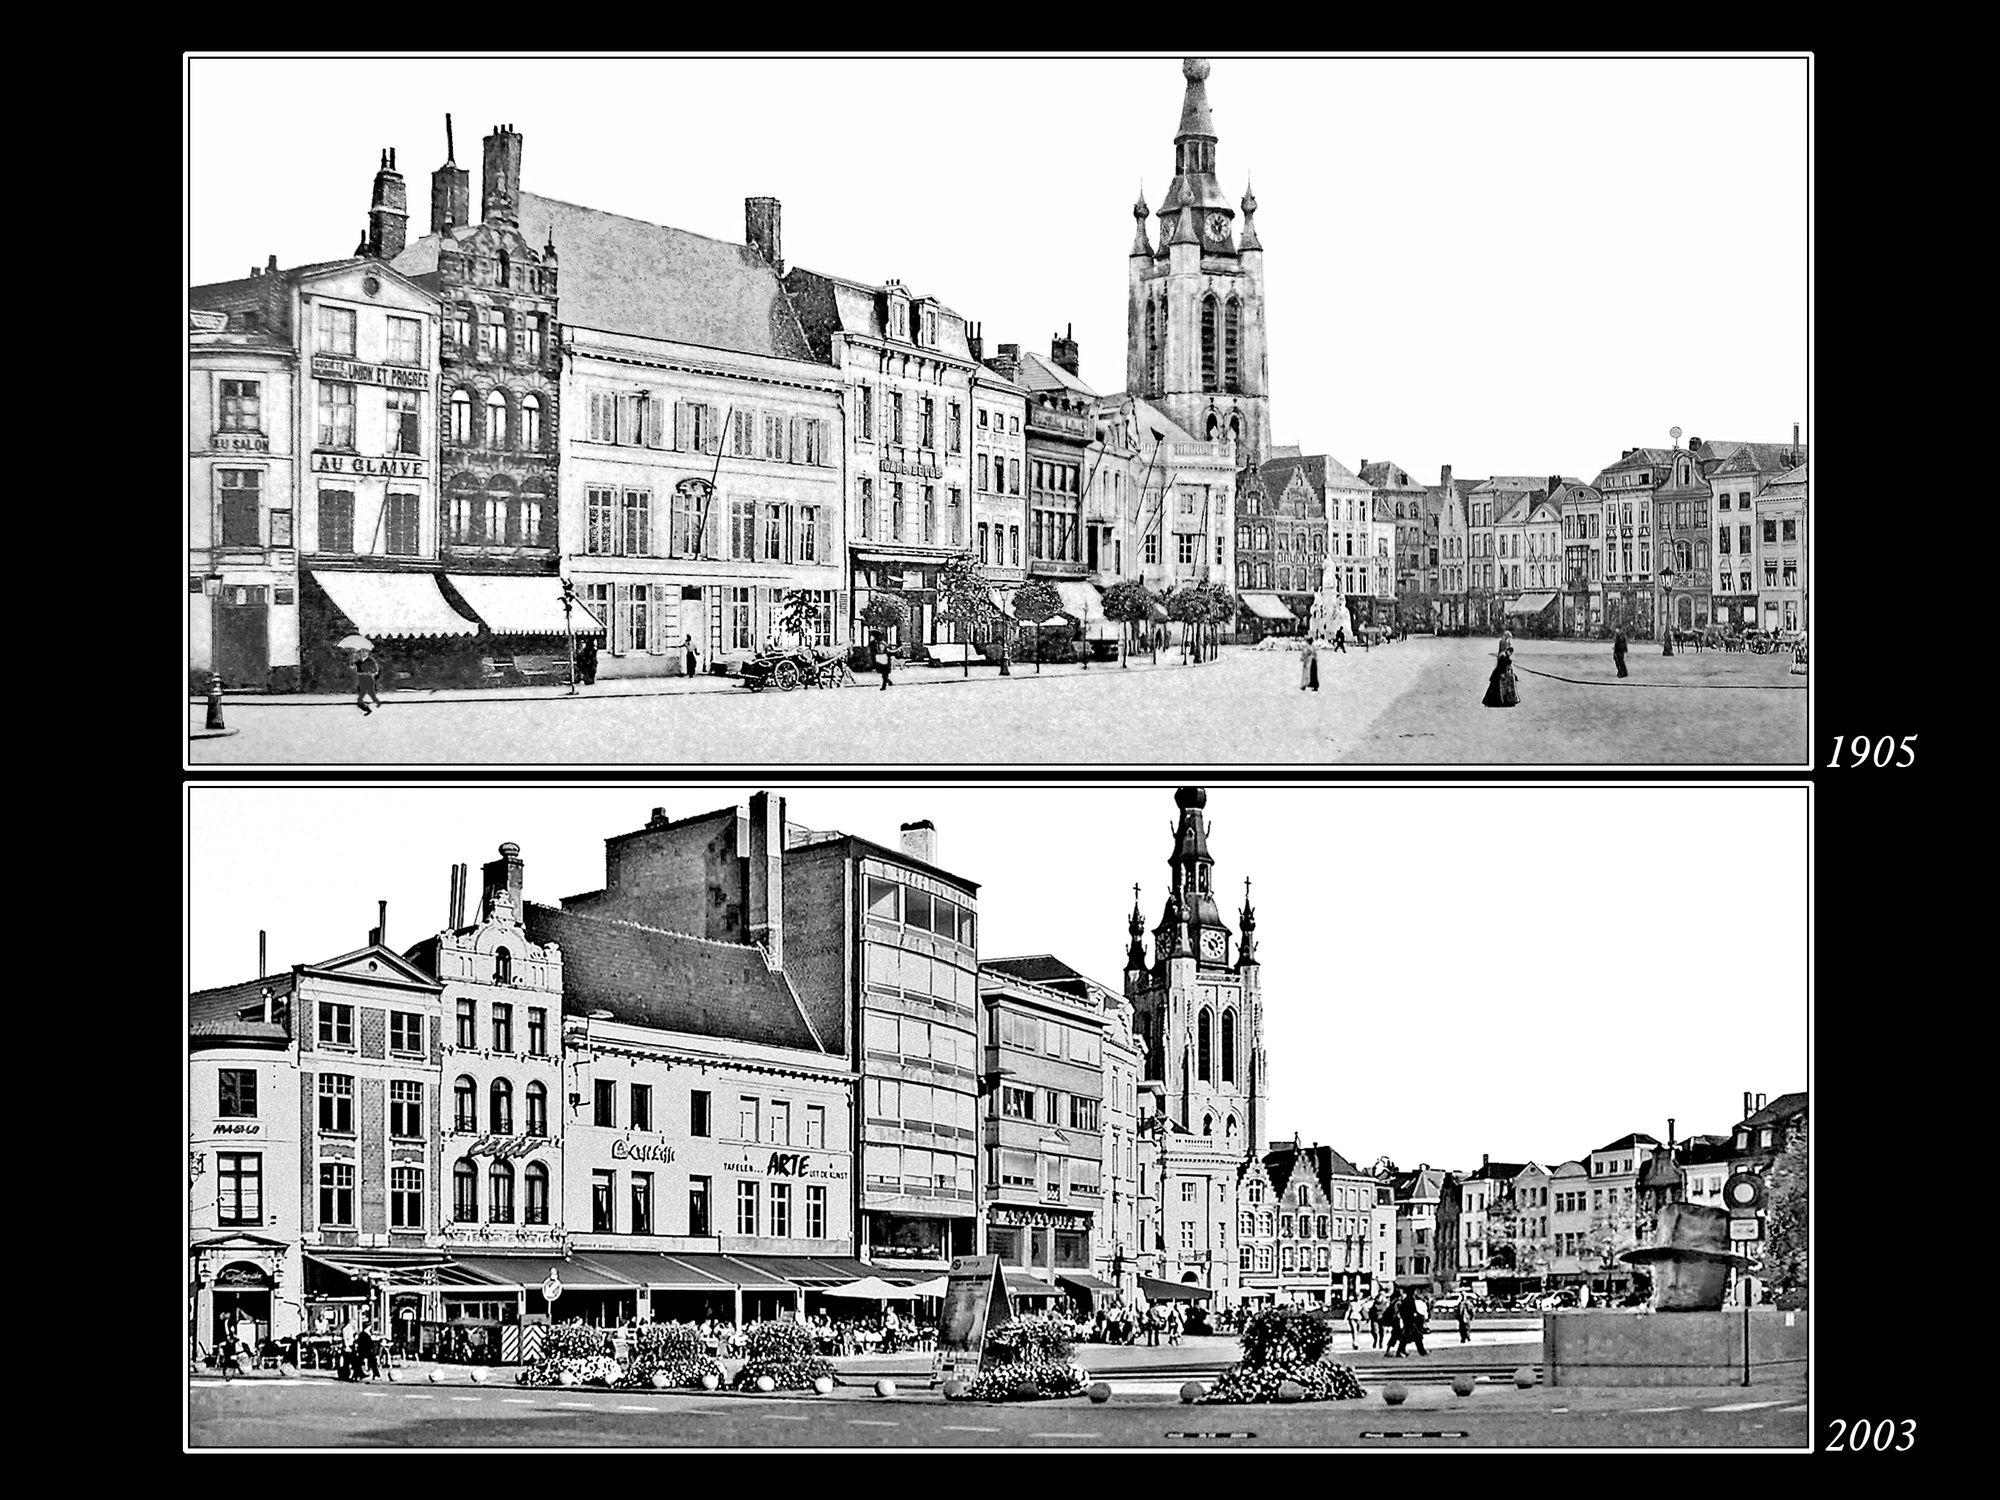 De Grote Markt in 1905 en 2004